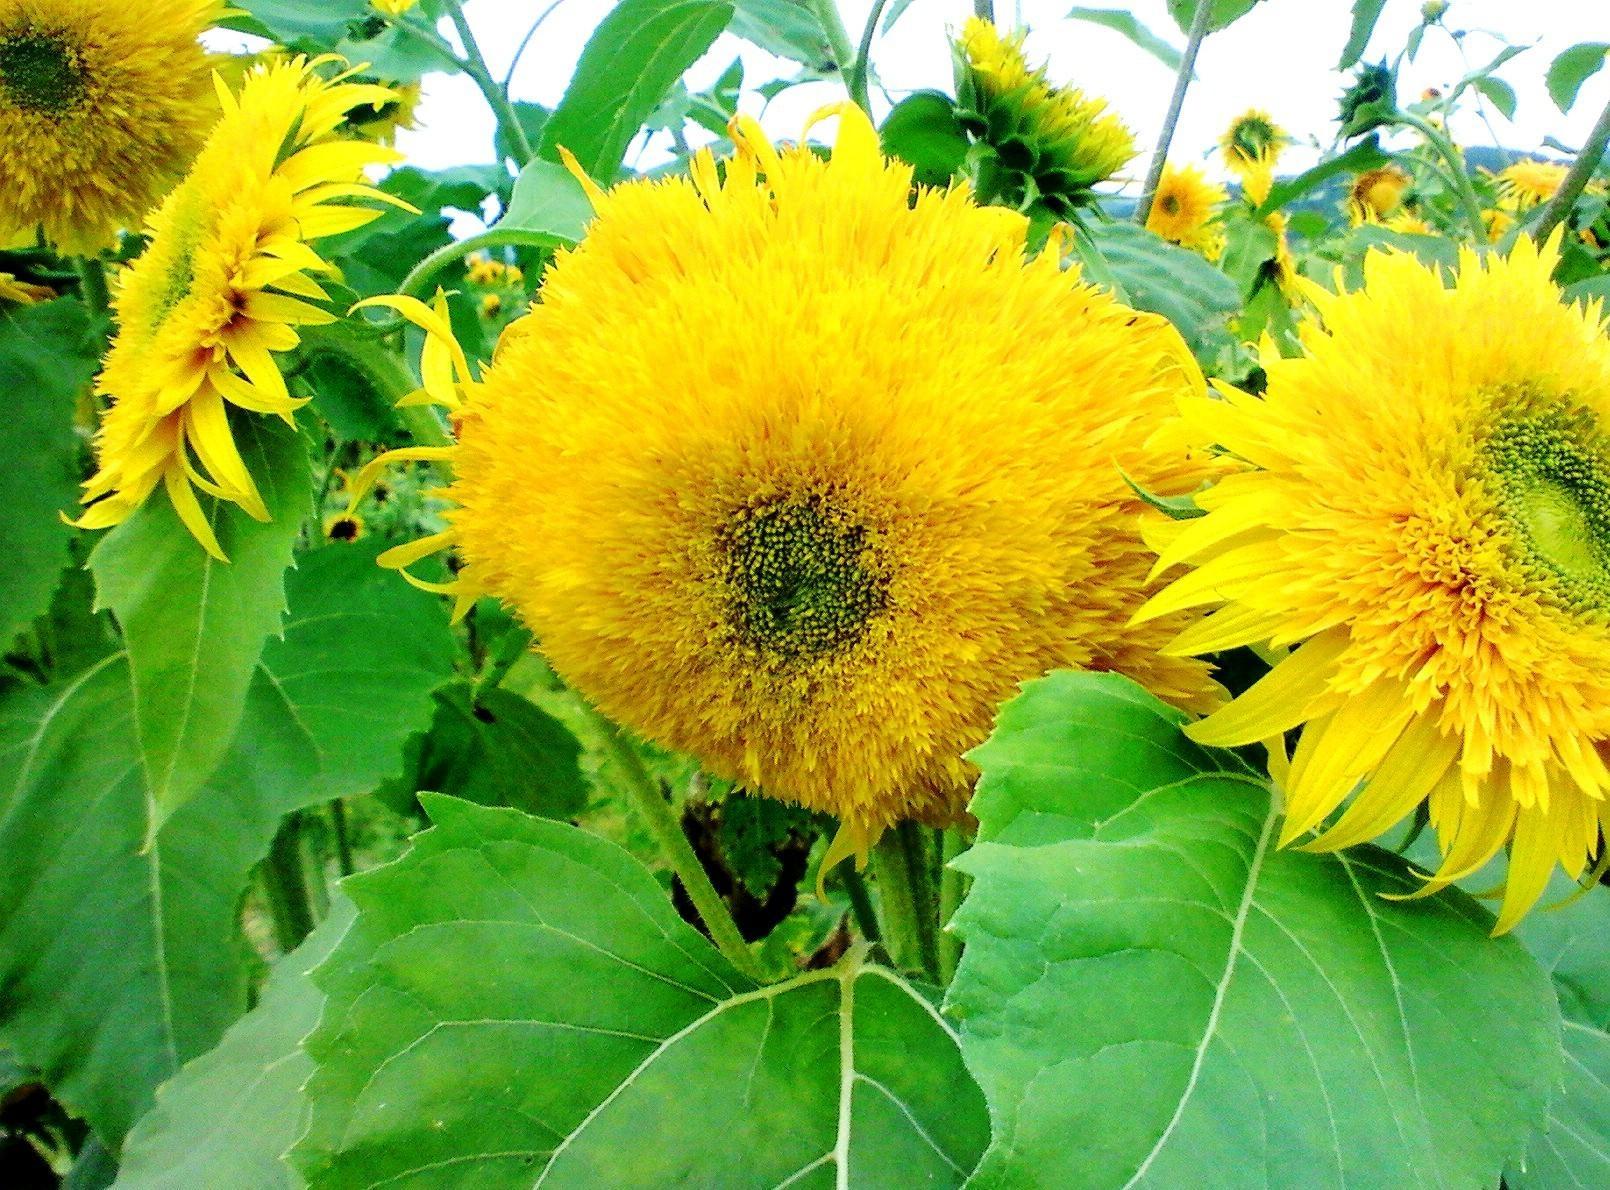 73912 скачать обои Цветы, Лето, Яркие, Желтый, Зеленый, Подсолнухи - заставки и картинки бесплатно